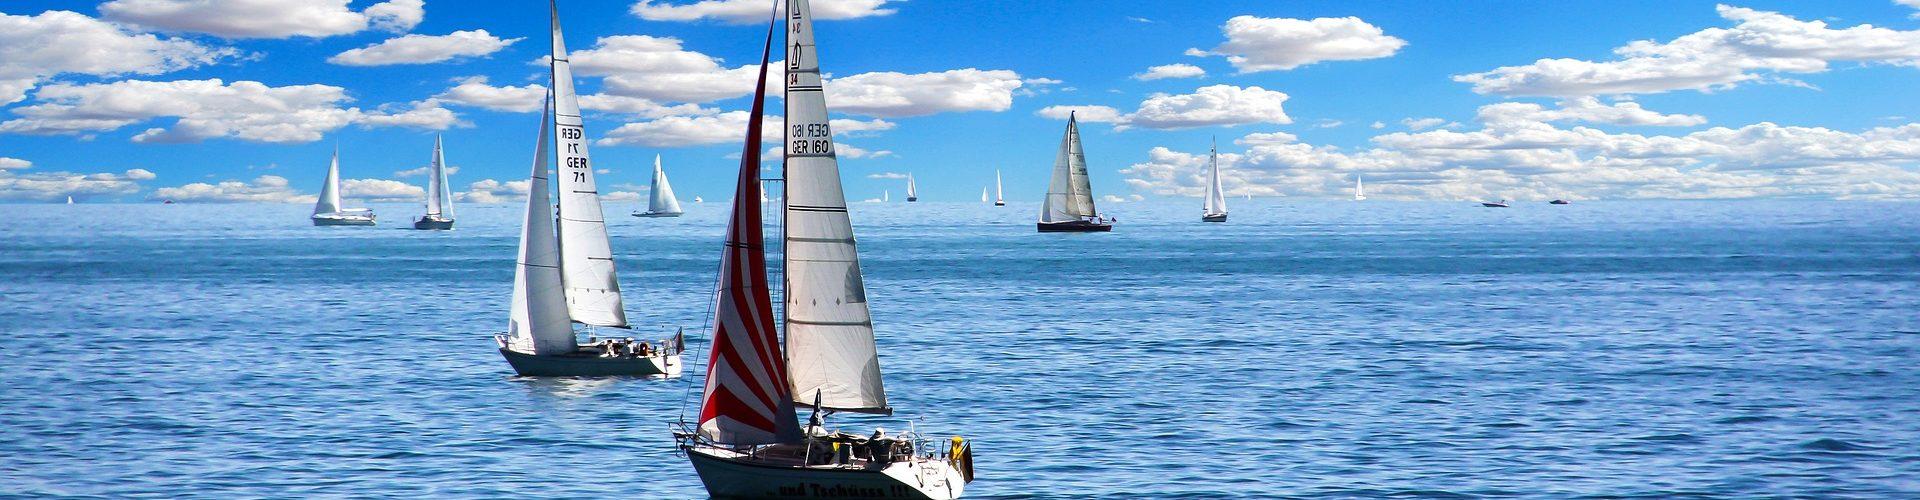 segeln lernen in Boiensdorf segelschein machen in Boiensdorf 1920x500 - Segeln lernen in Boiensdorf